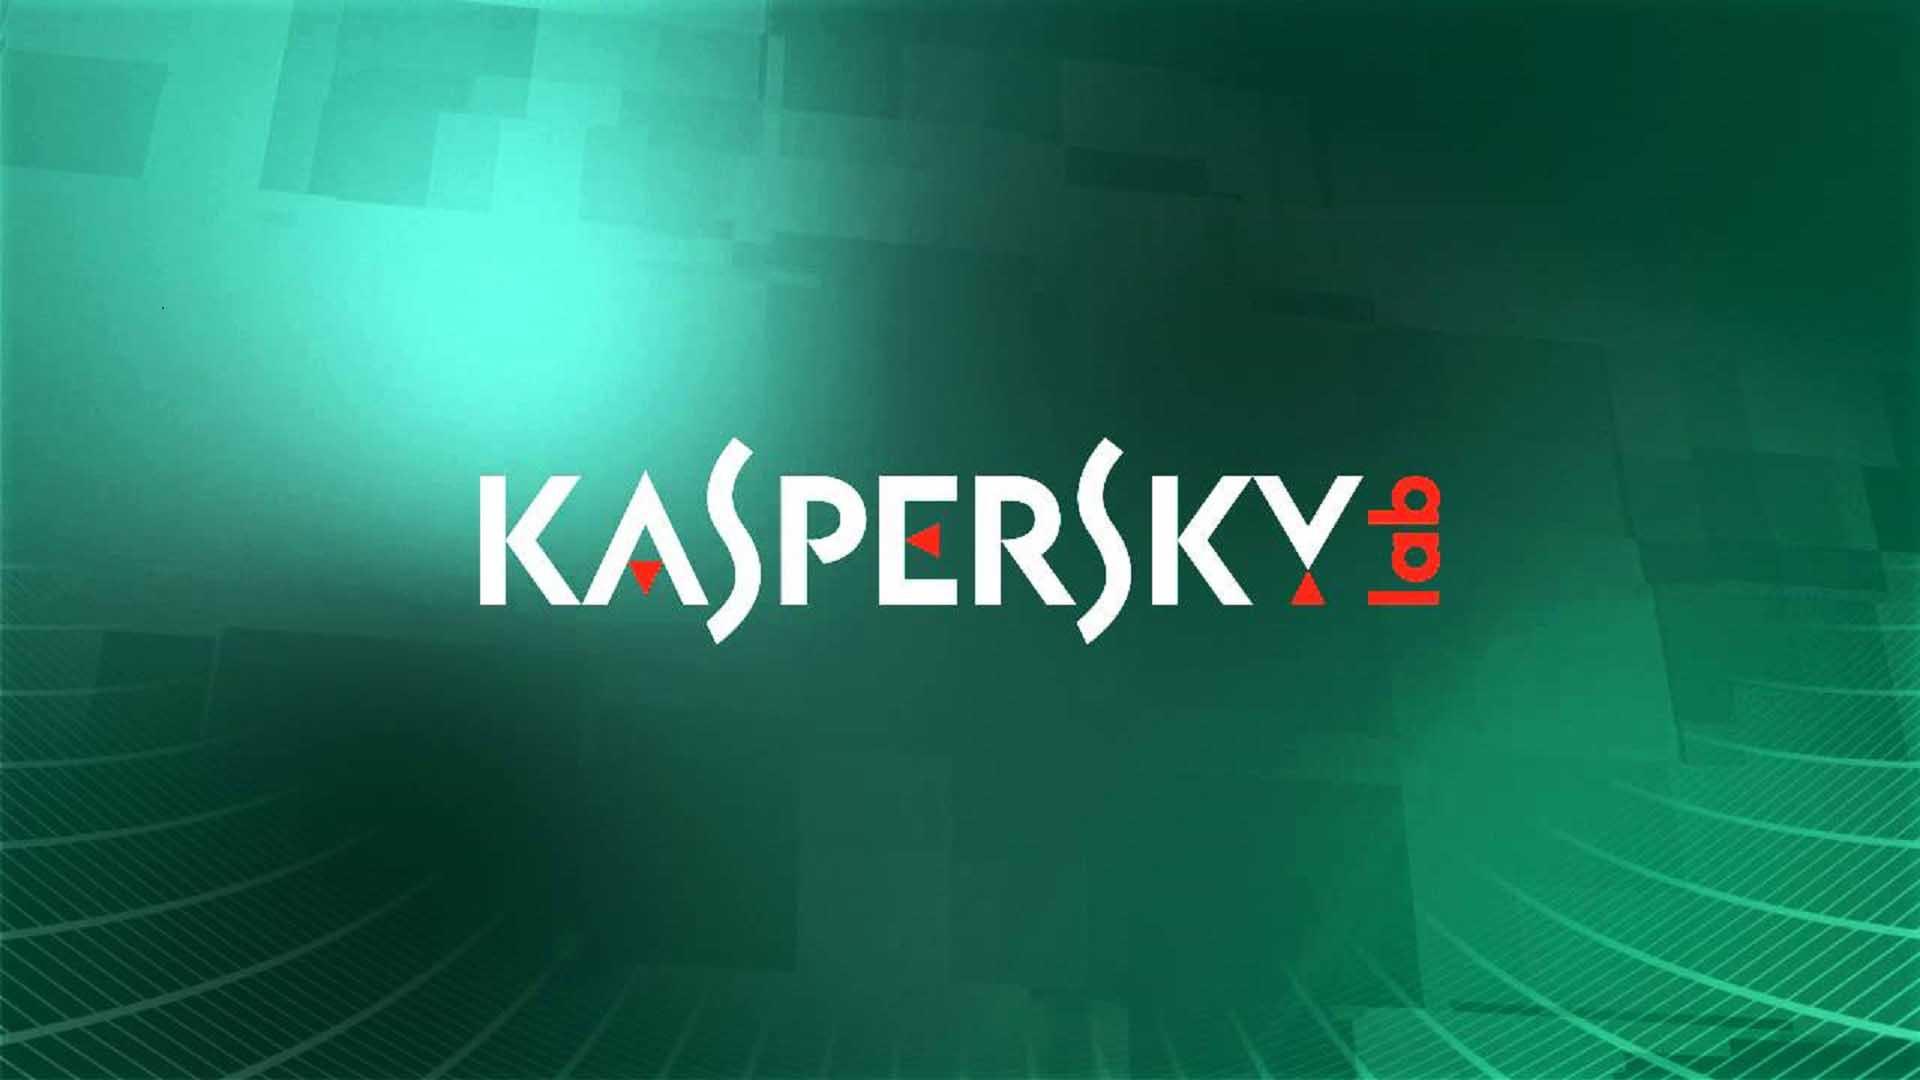 kaspersky anti cheat tool